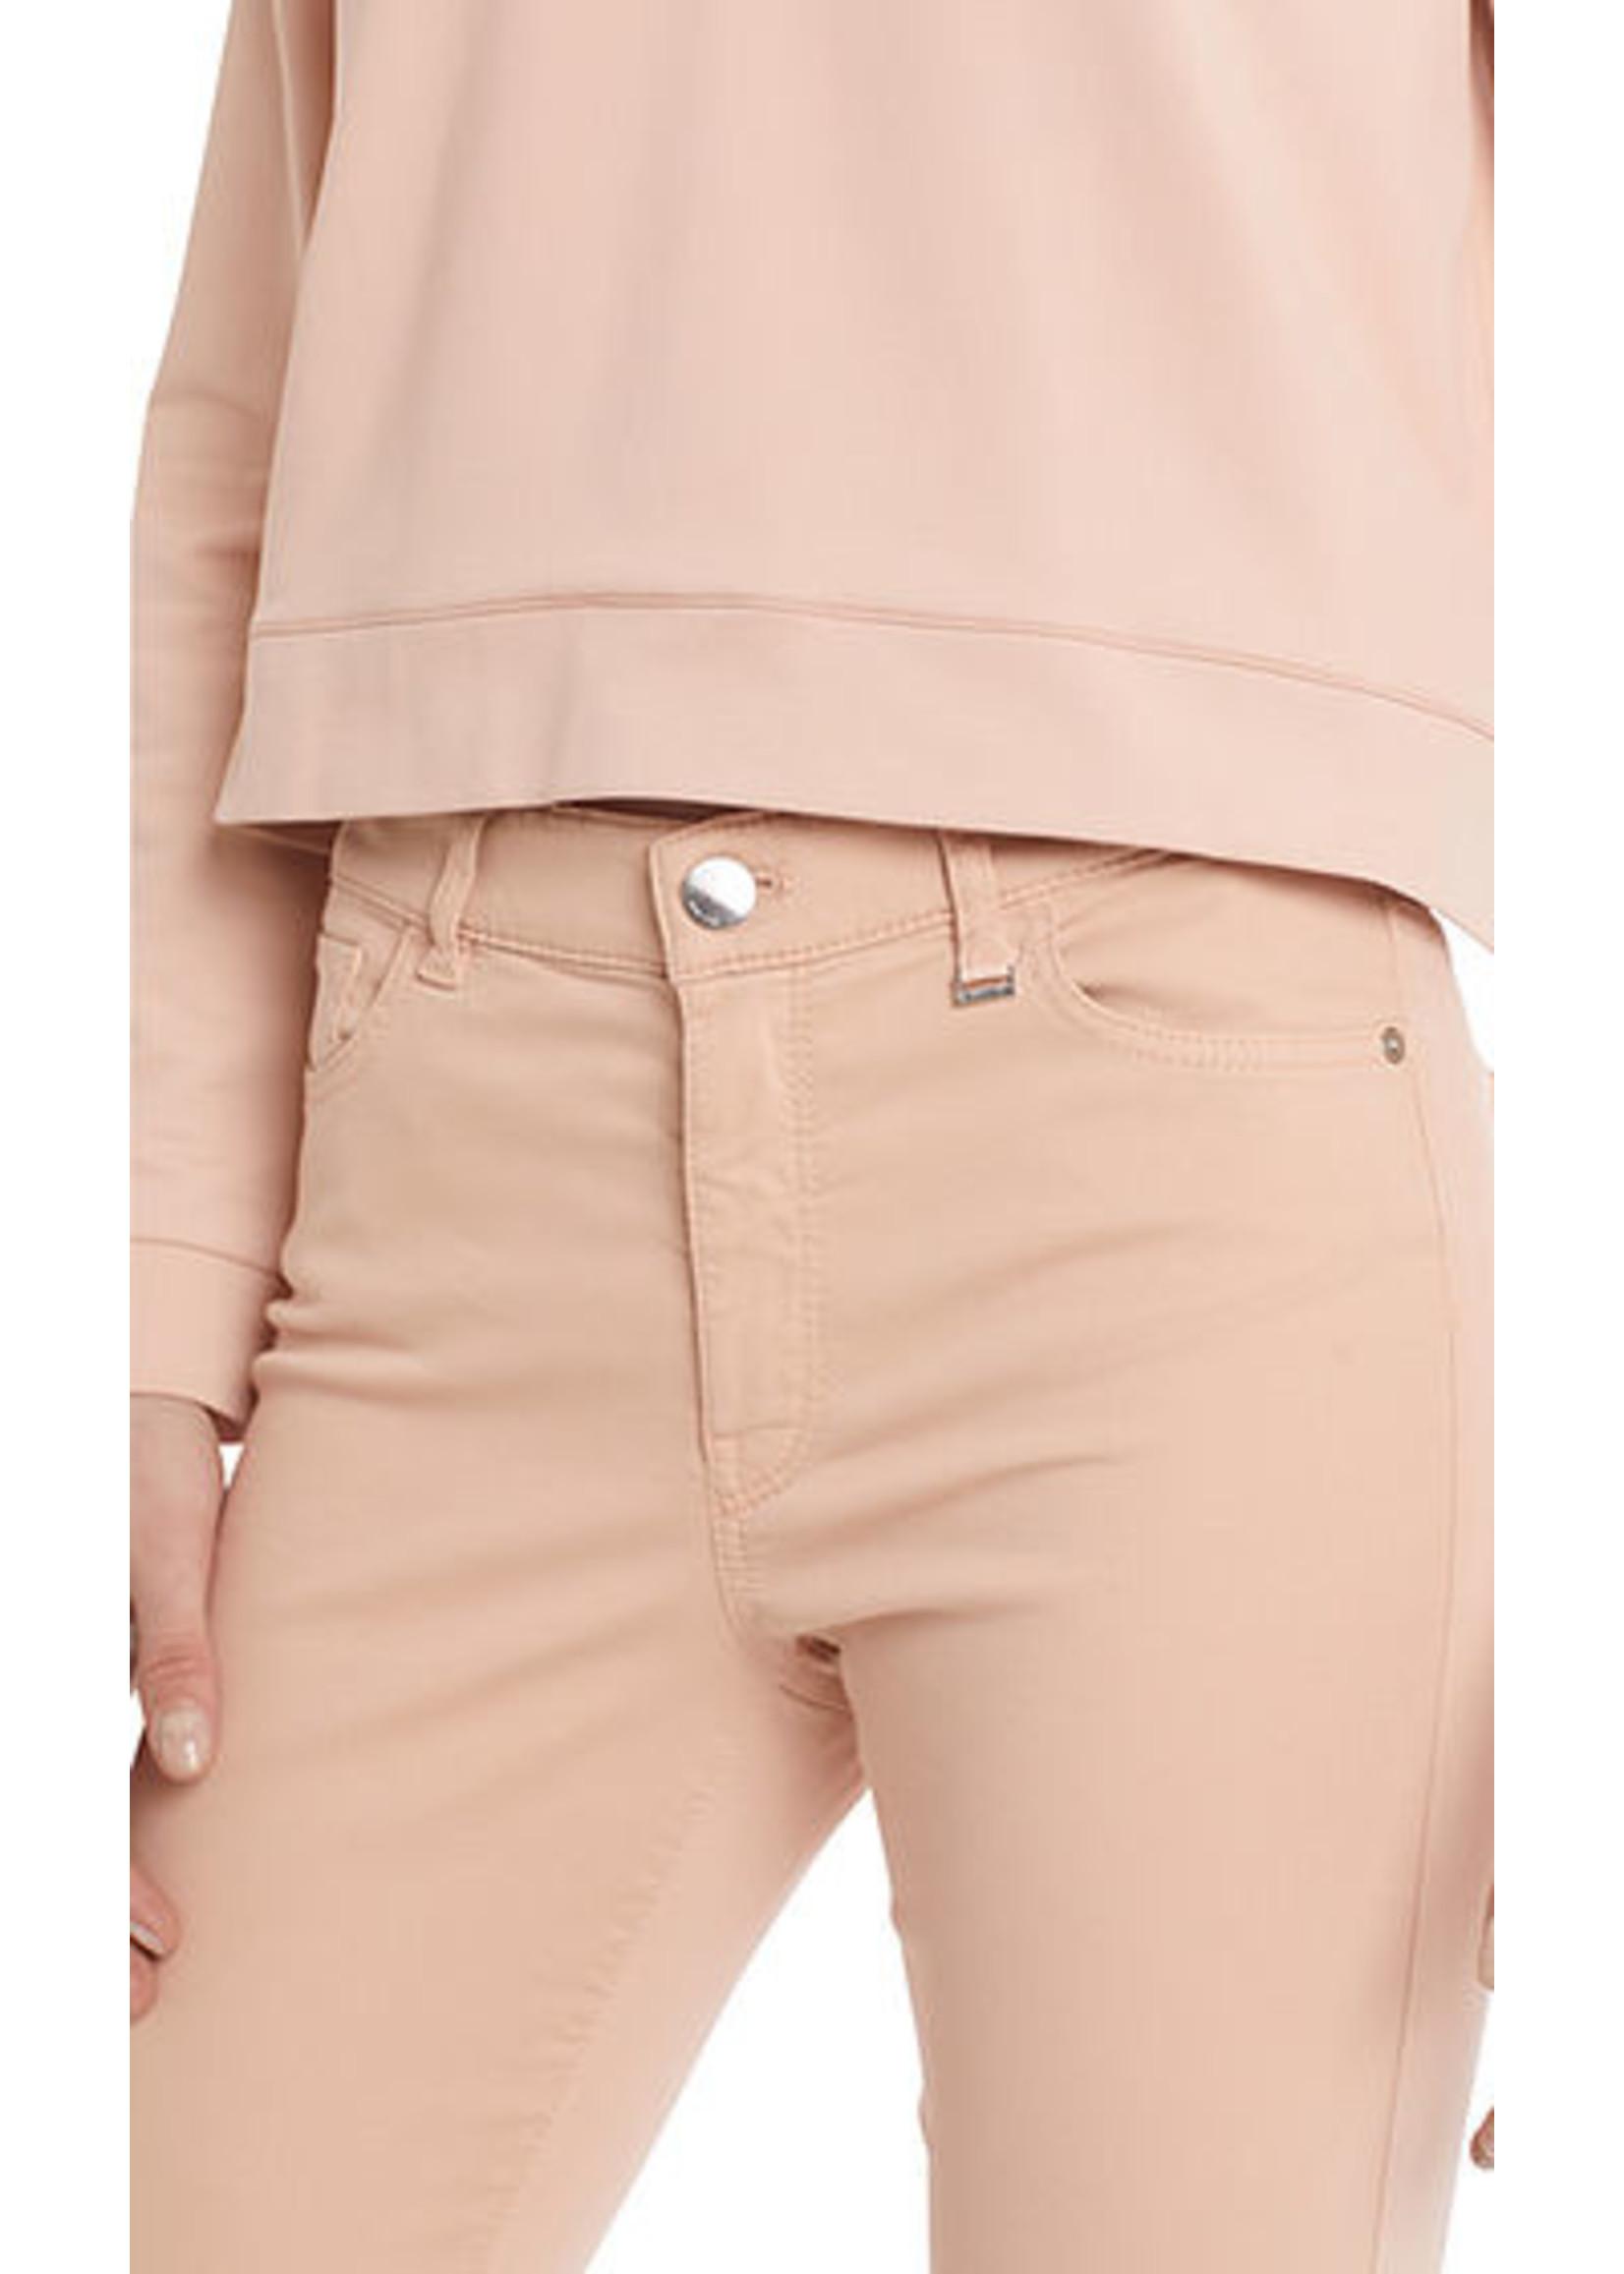 Jeans RC 82.08 D03 sandy beige